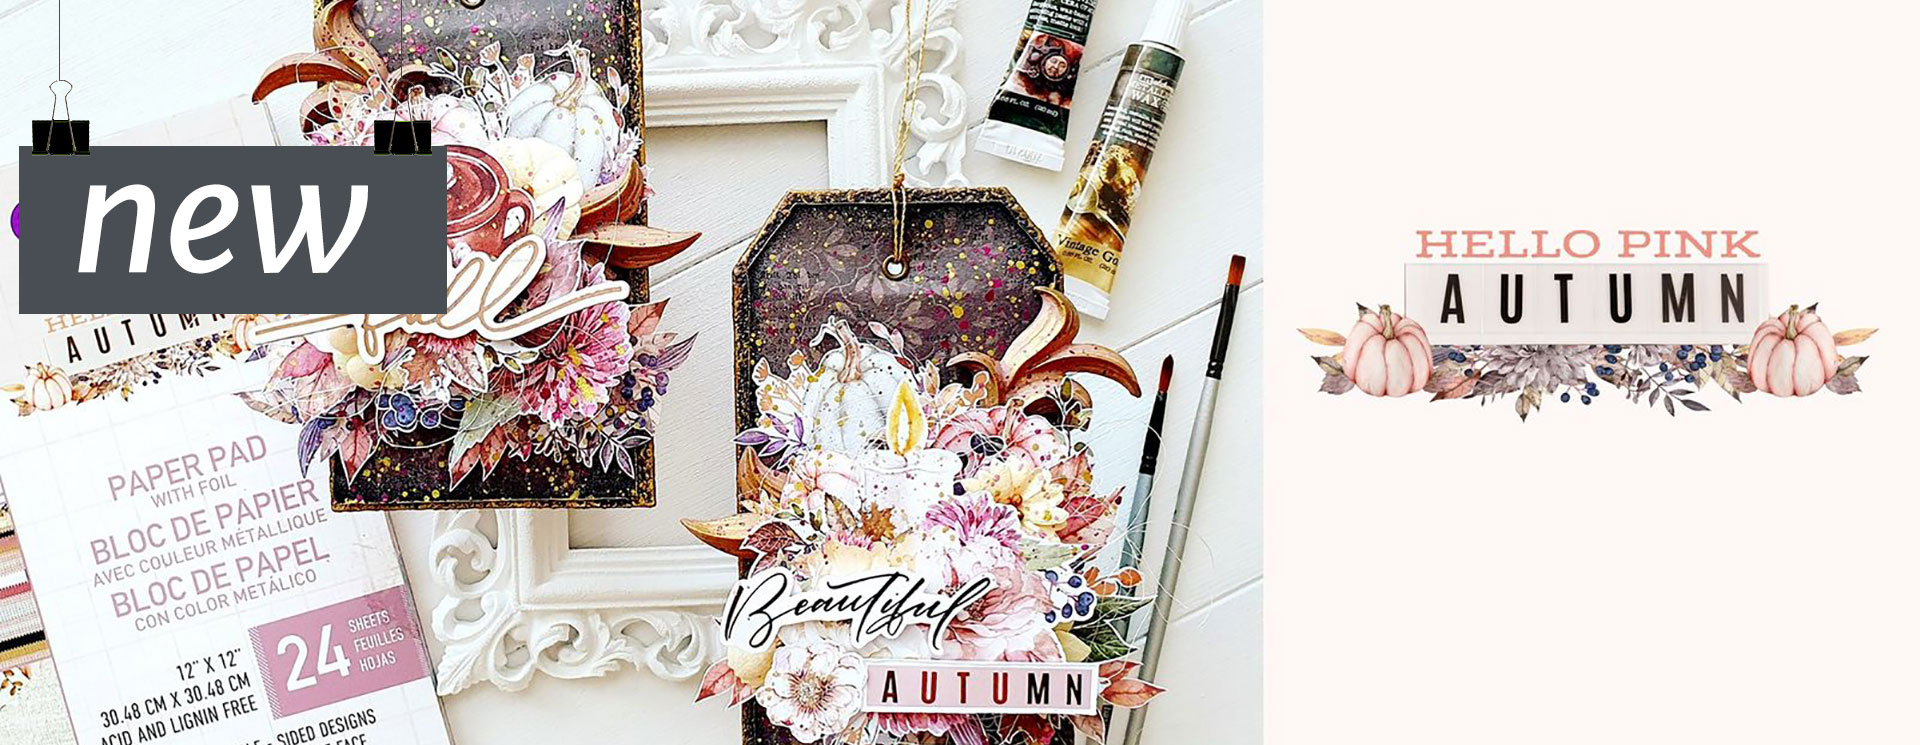 Prima : Hello Pink Autumn<br>